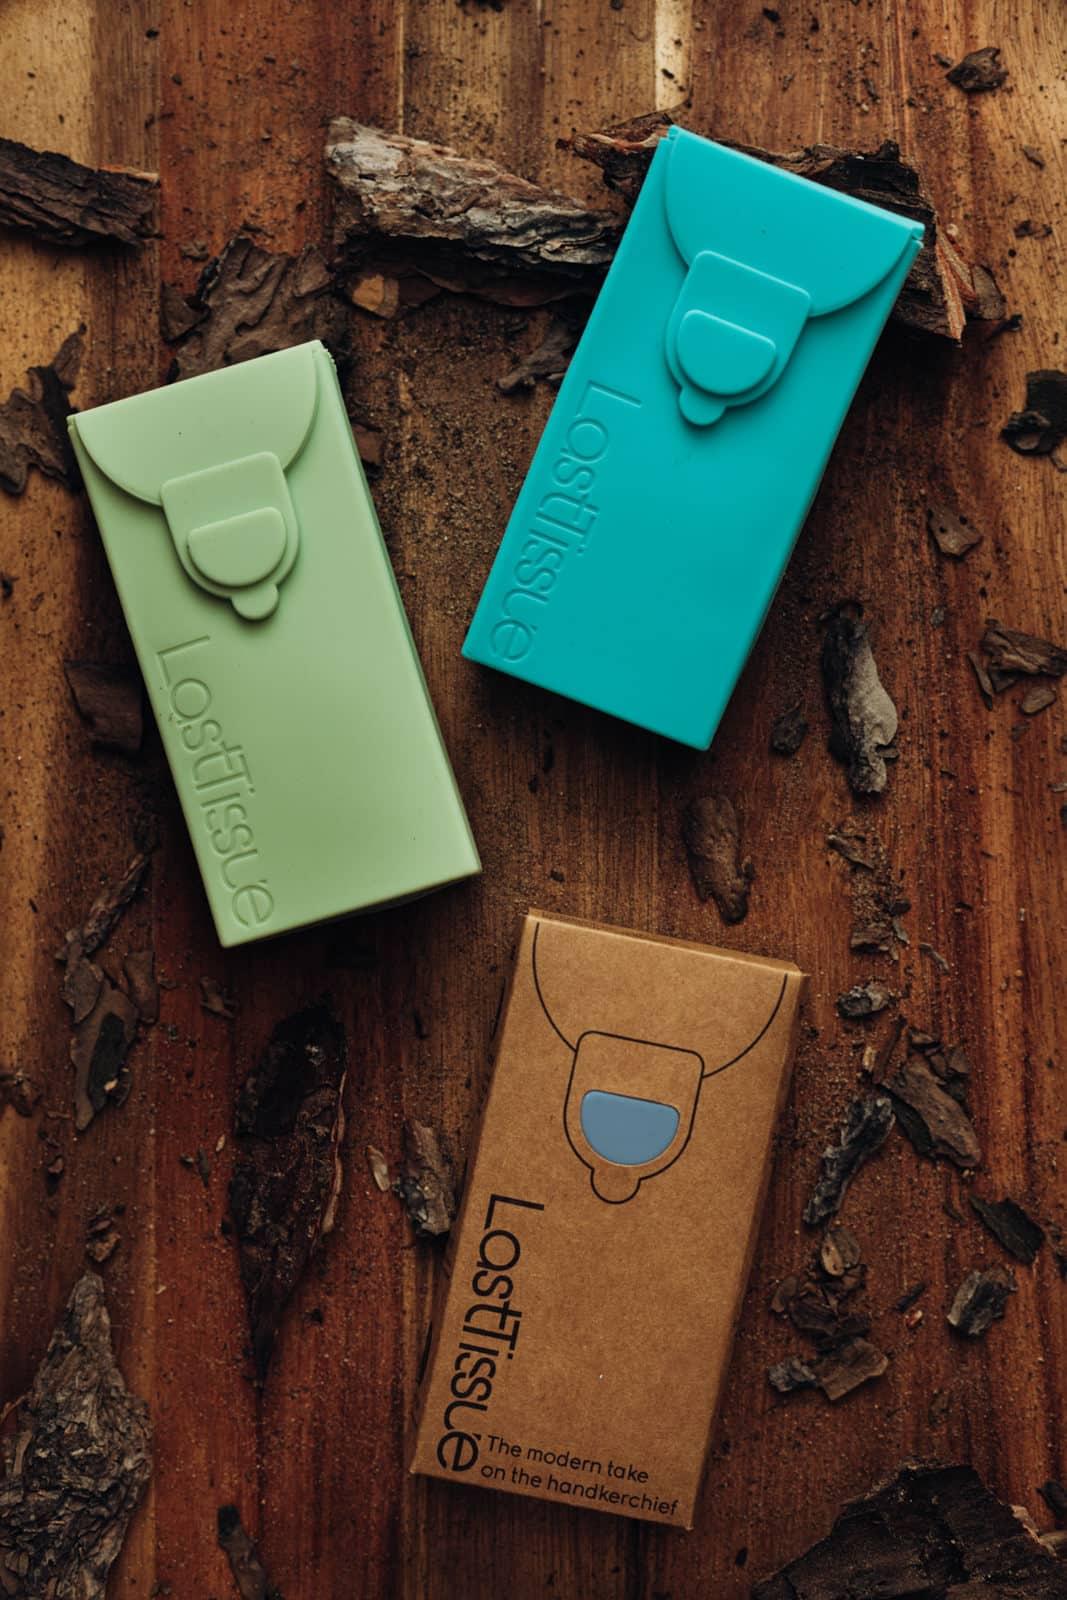 Last Tissue das nachhaltige Taschentuch in der praktischen Silikonbox in vielen Farben